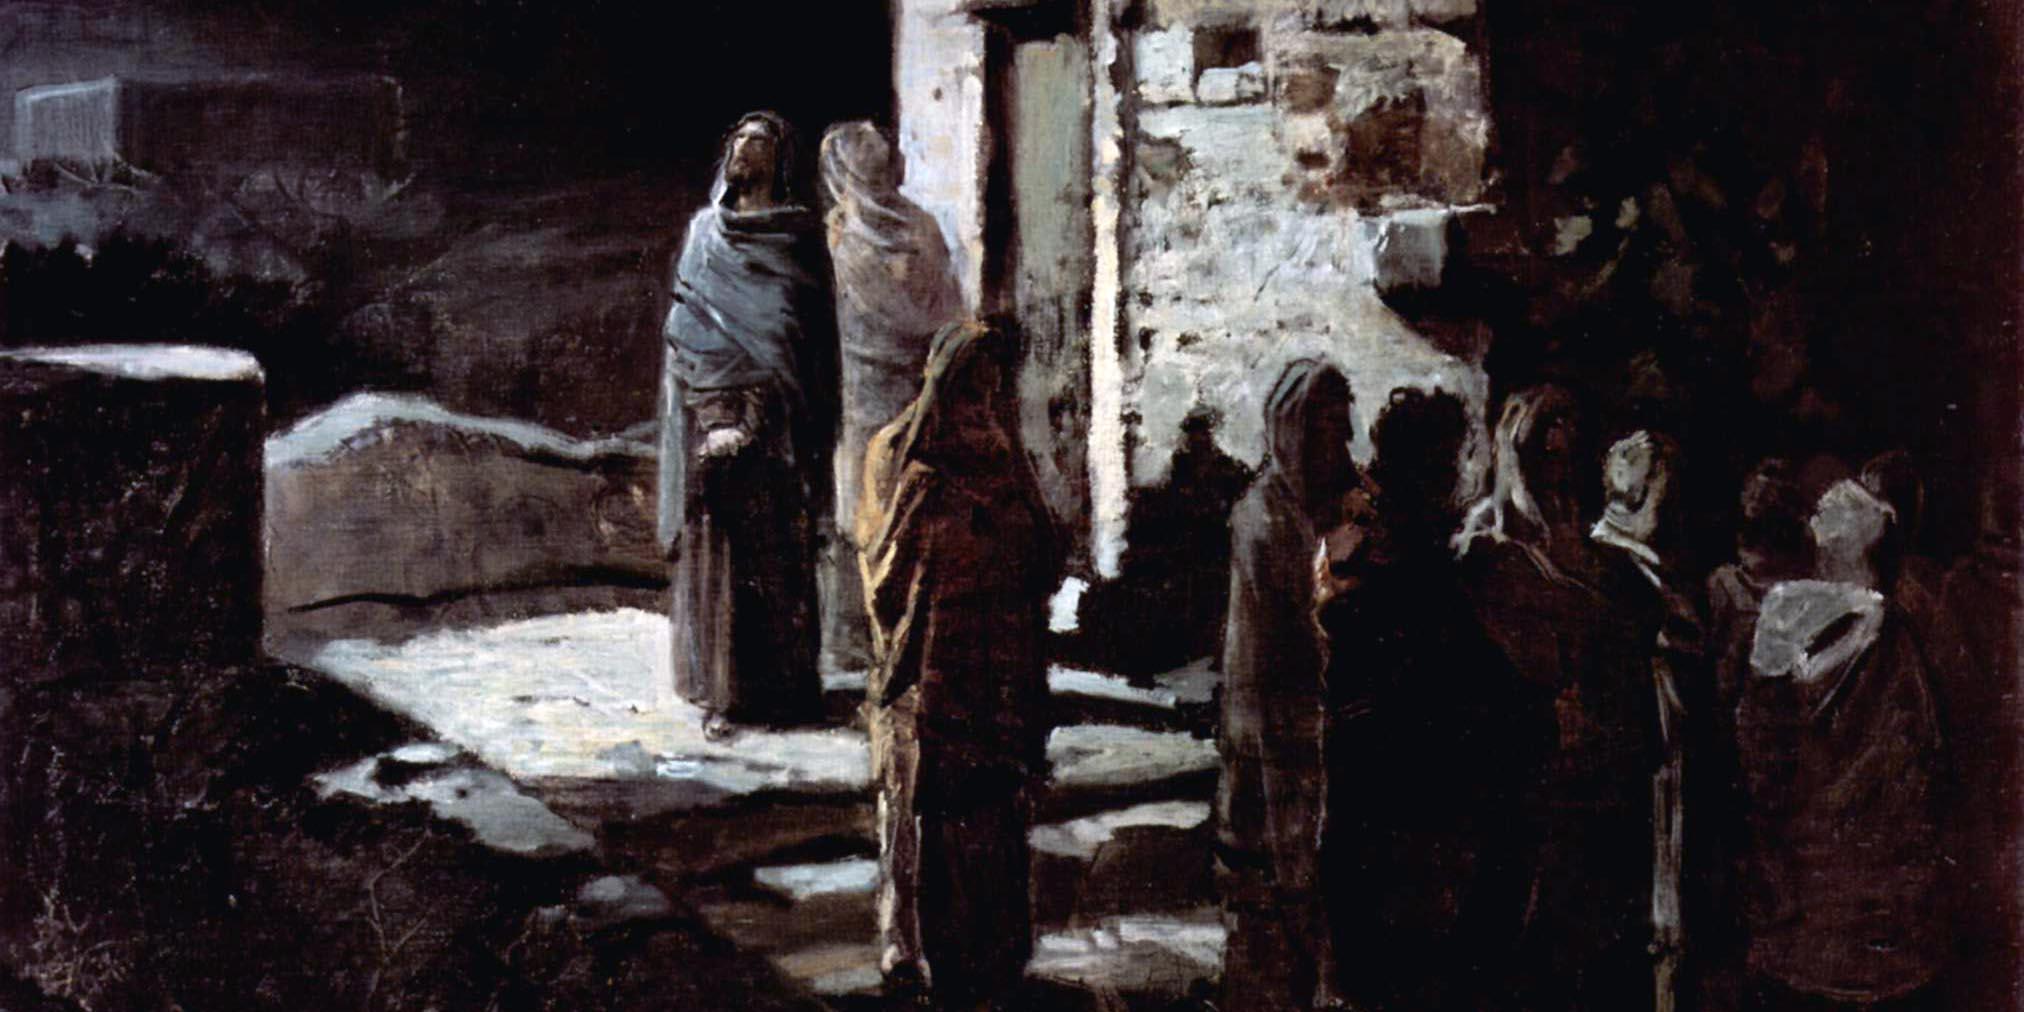 Η ΚΑΘΟΔΟΣ ΕΙΣ ΤΟ ΚΡΥΠΤΟΝ ΤΟΥ ΘΕΟΥ (ΜΑΤΘ. 6:1-18)